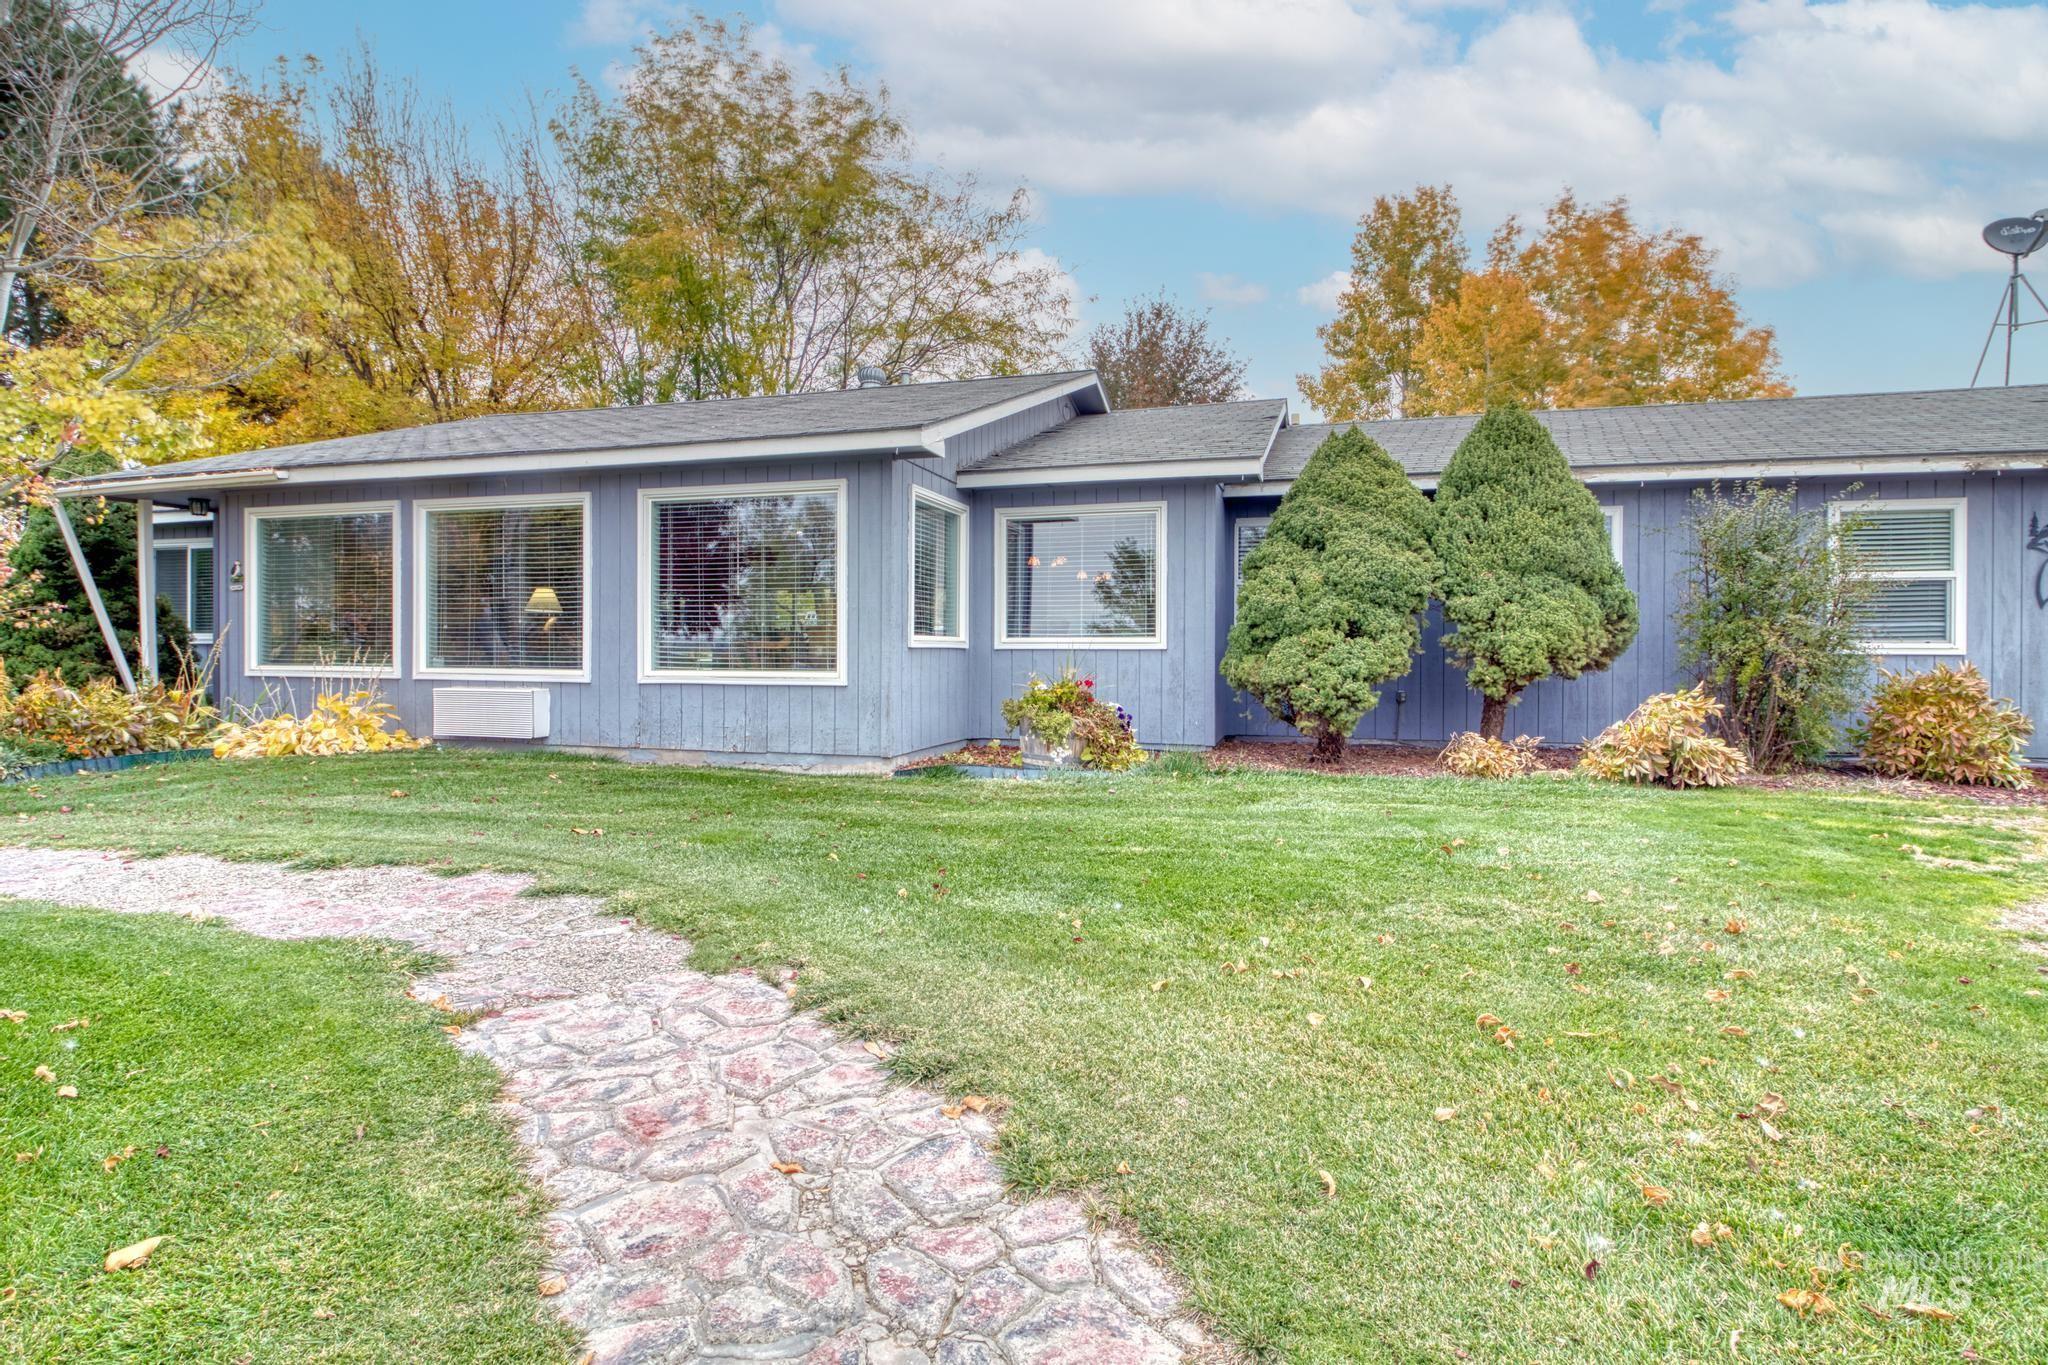 550 S 100 W Property Photo 1